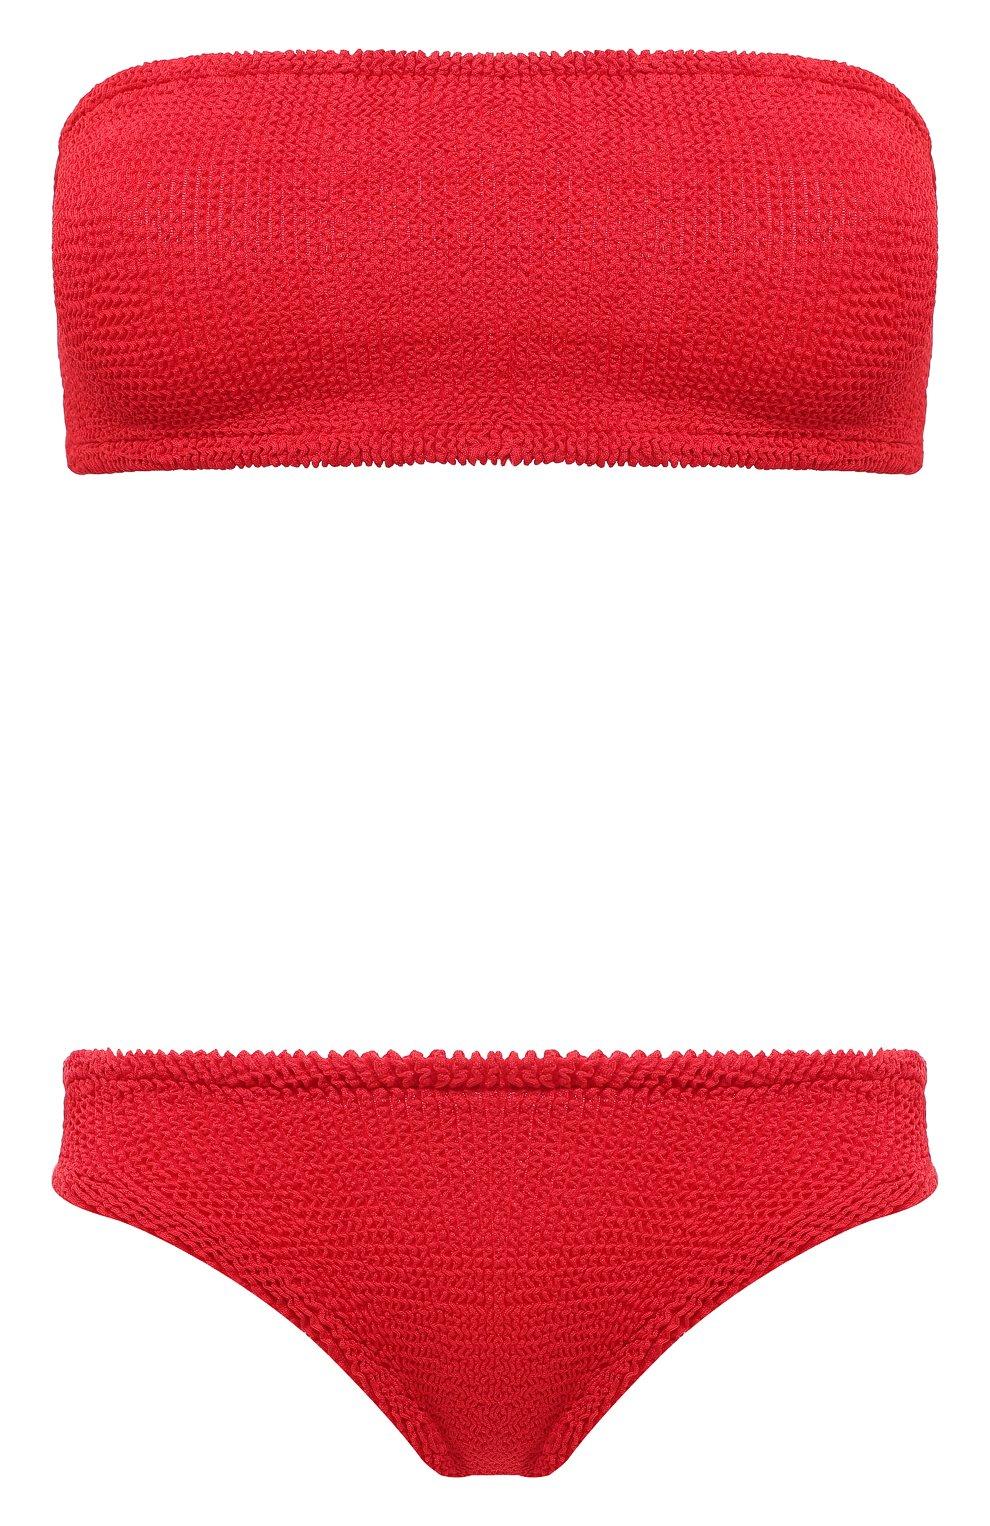 Женский раздельный купальник HUNZA G красного цвета, арт. GABRIELLE BIKINI | Фото 1 (Женское Кросс-КТ: Раздельные купальники; Материал внешний: Синтетический материал)